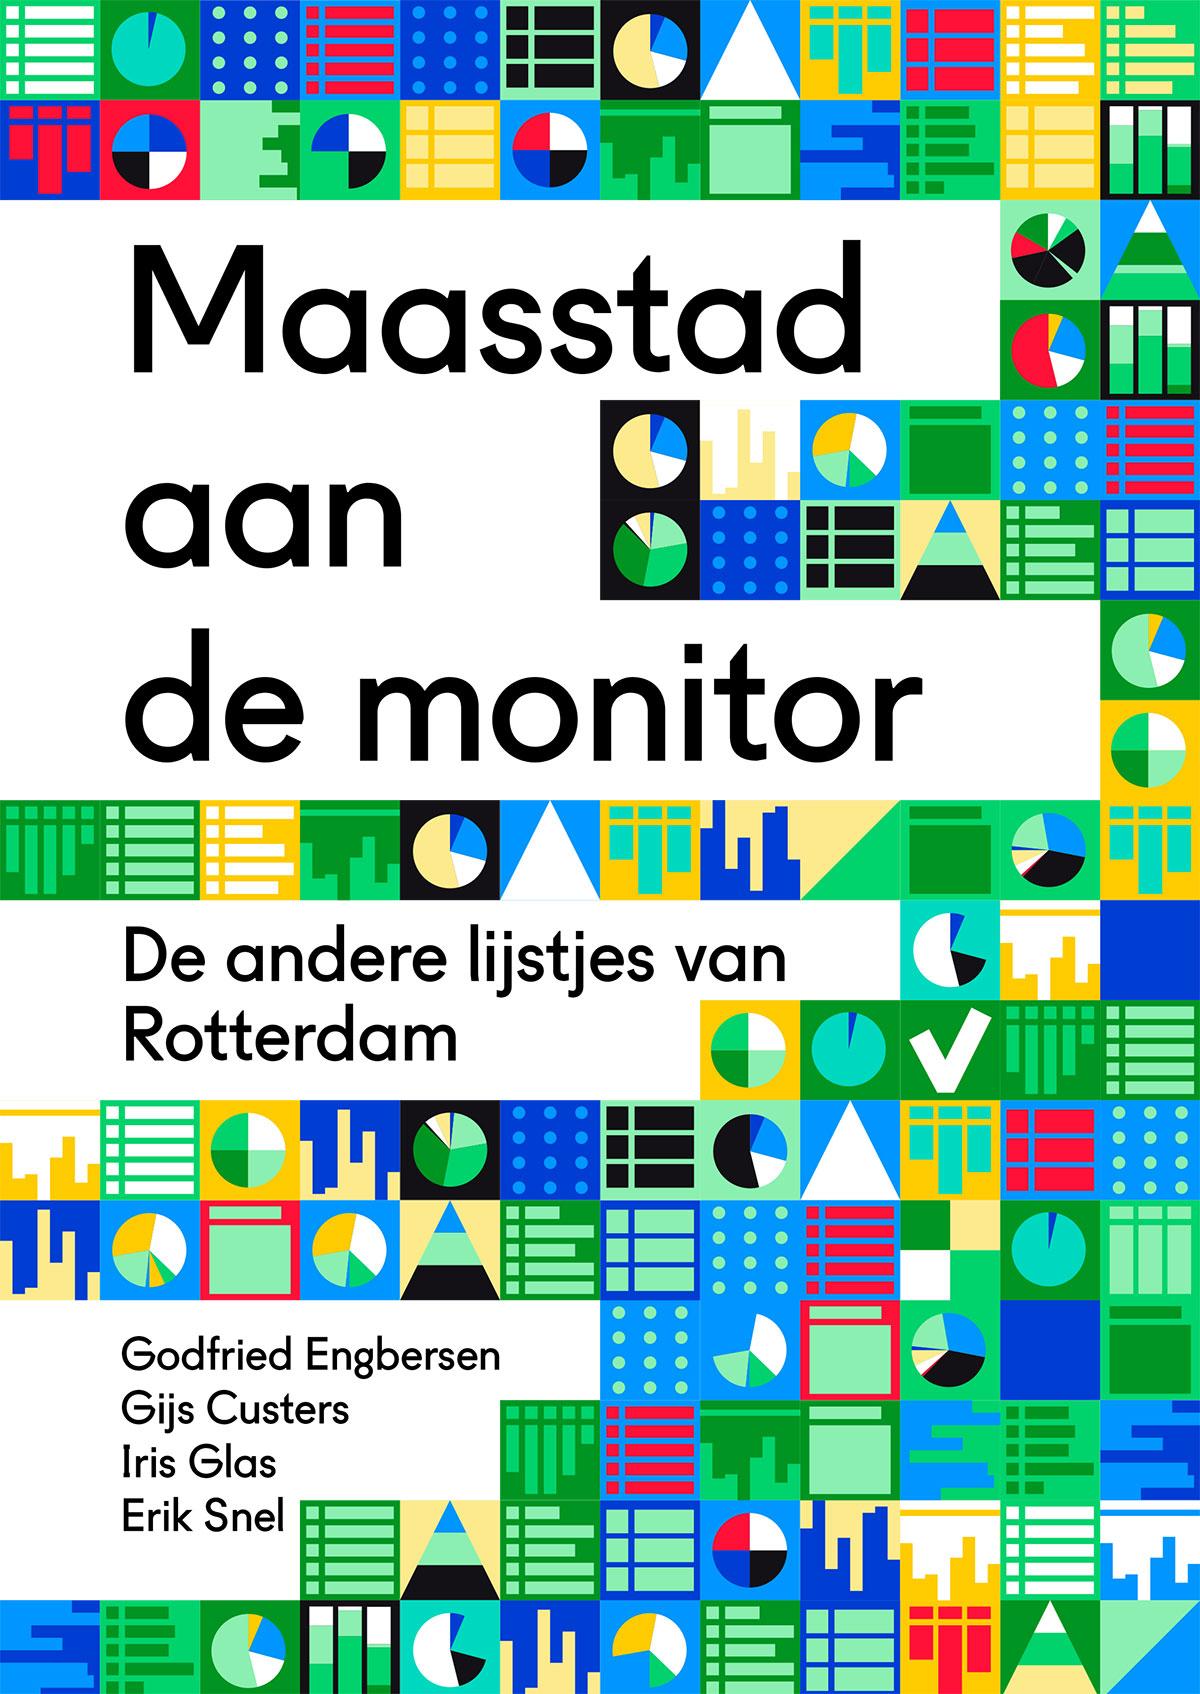 Onderzoeksrapport. Maasstad aan de monitor - De andere lijstjes van Rotterdam. EUR